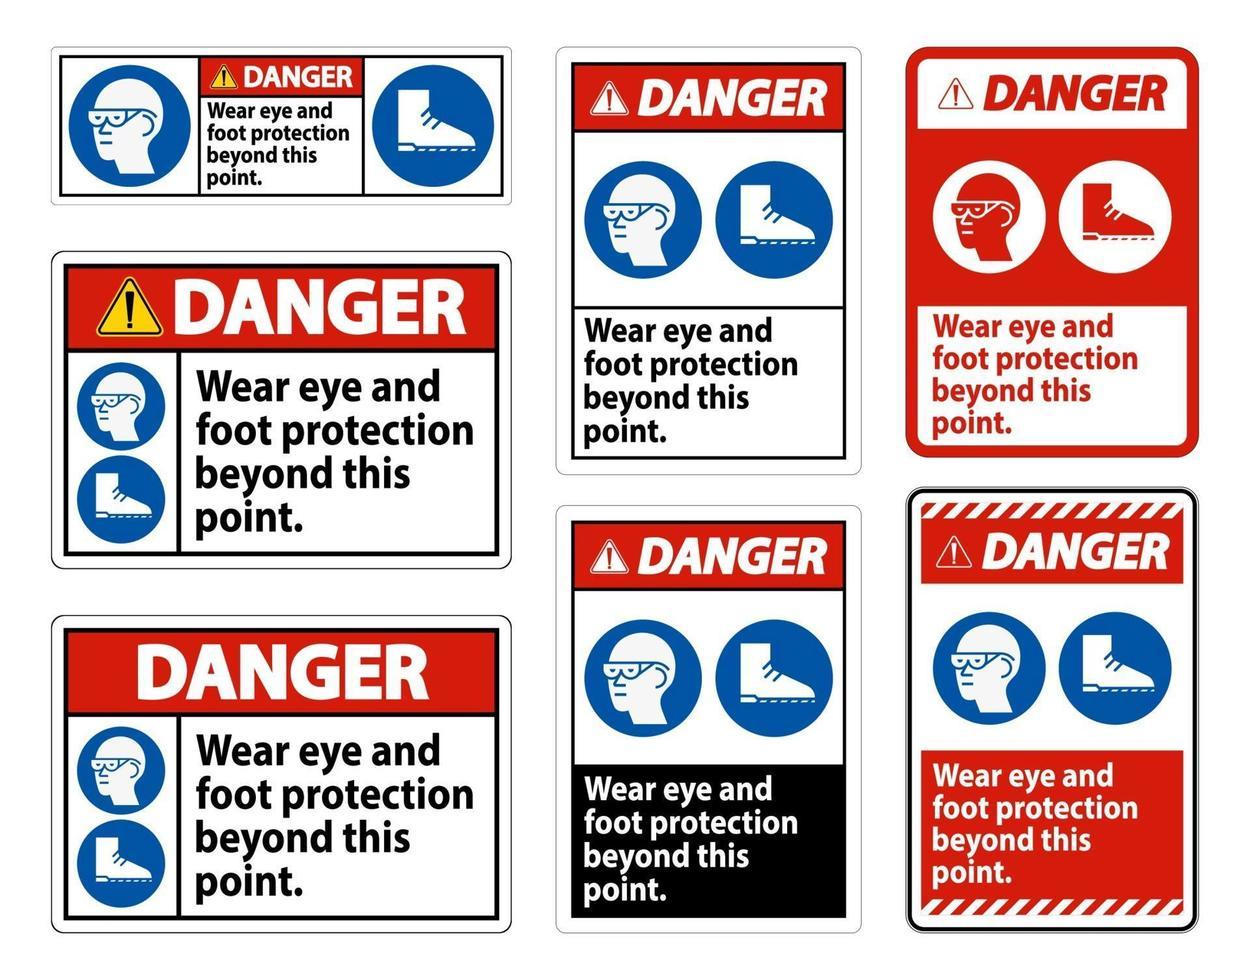 segnale di pericolo indossare una protezione per occhi e piedi oltre questo punto con simboli ppe vettore